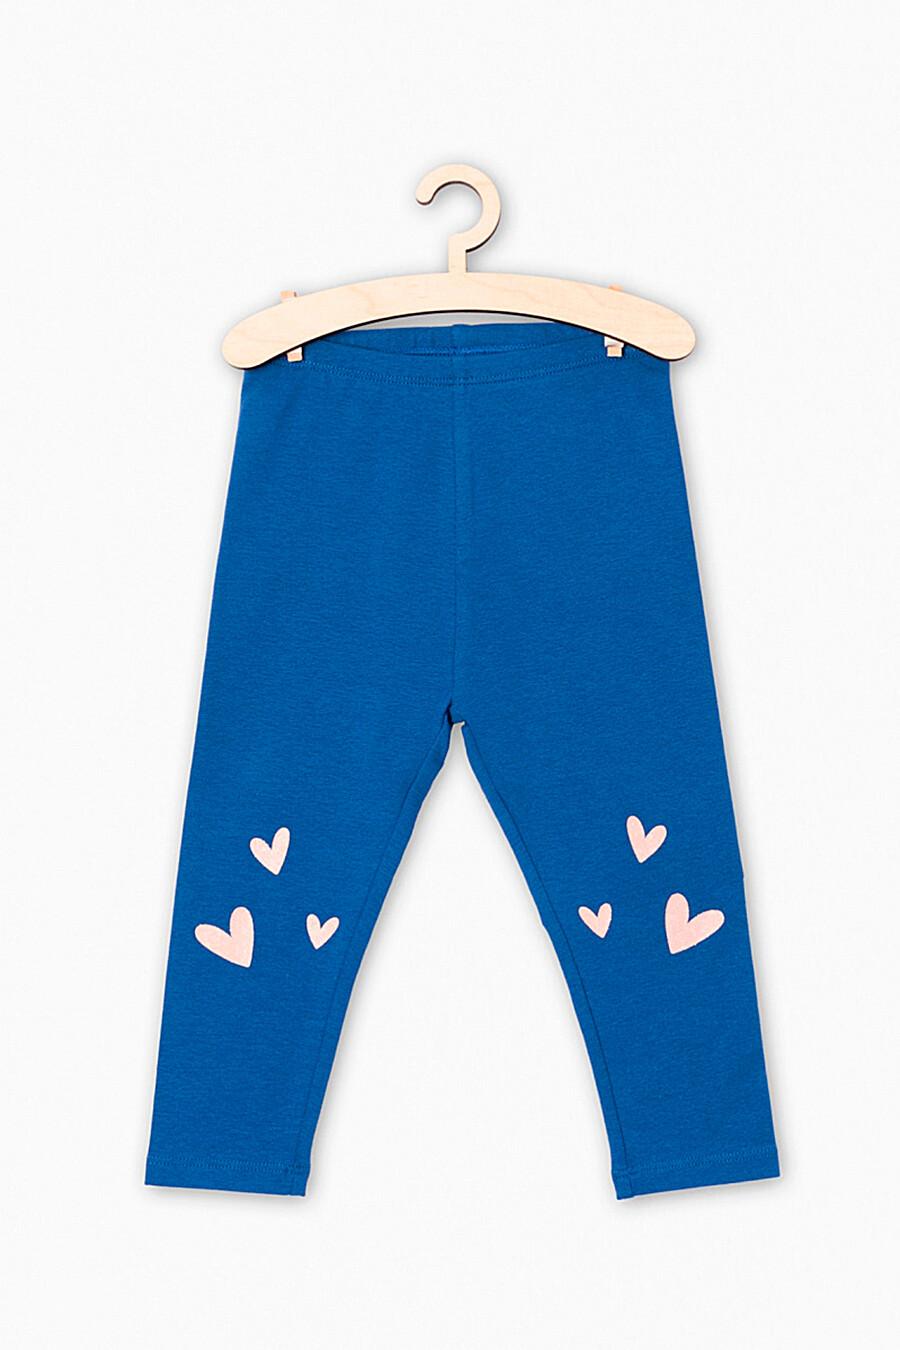 Леггинсы для девочек 5.10.15 668570 купить оптом от производителя. Совместная покупка детской одежды в OptMoyo